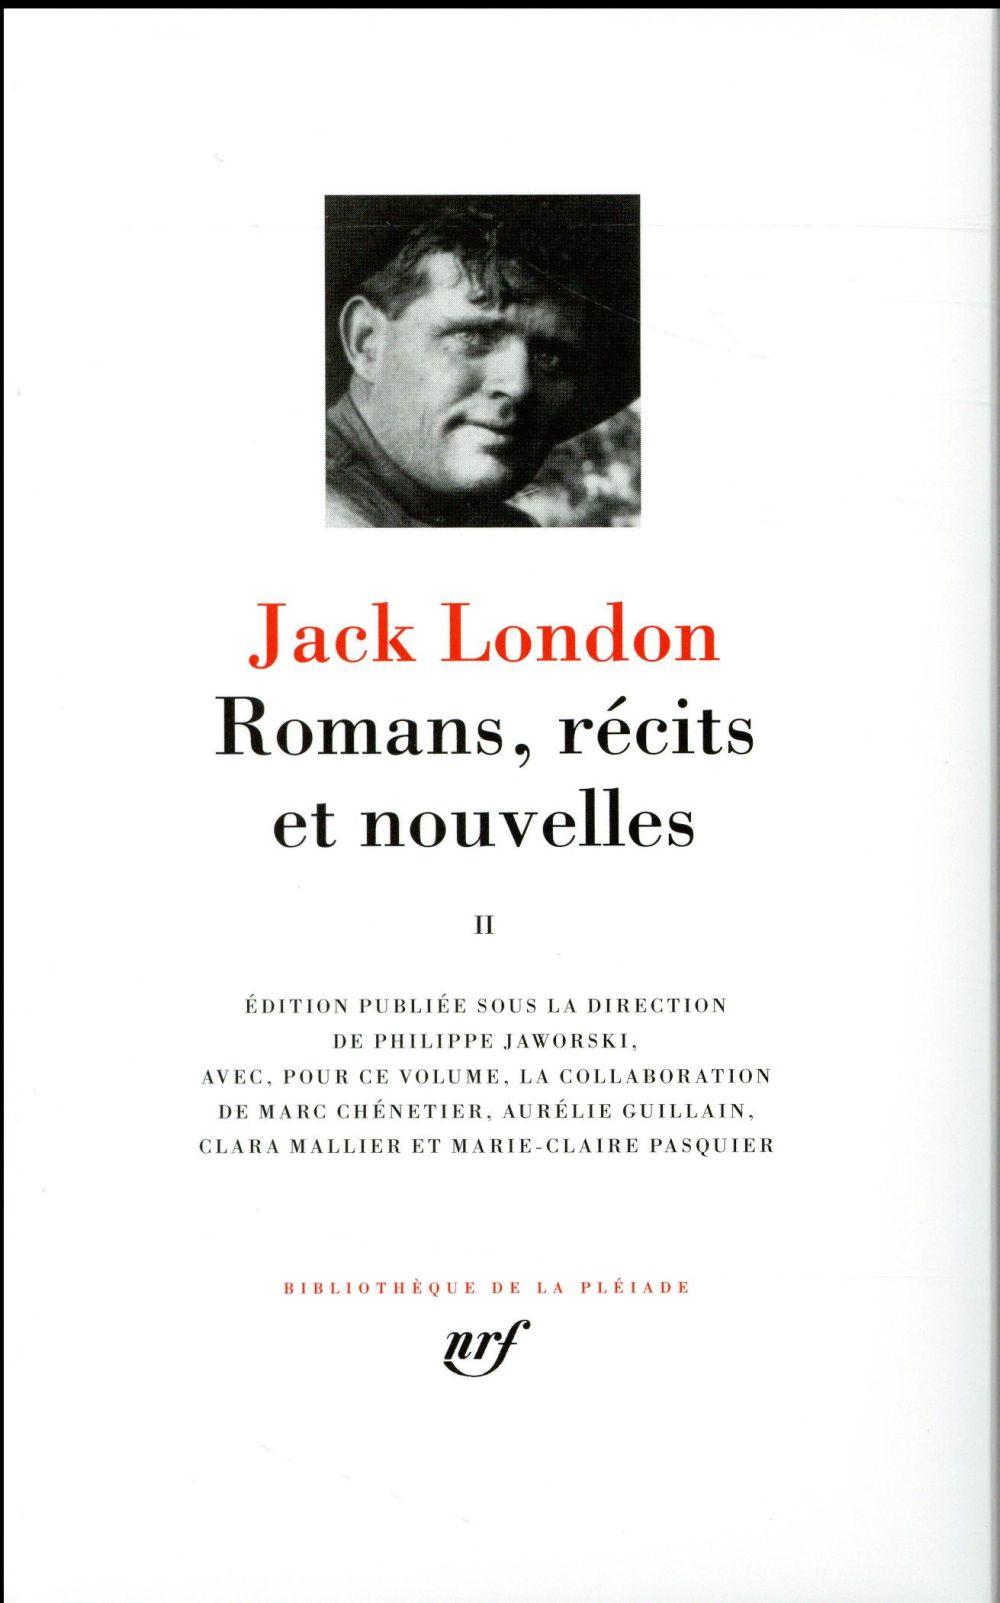 Jack London, romans, récits et nouvelles t.2